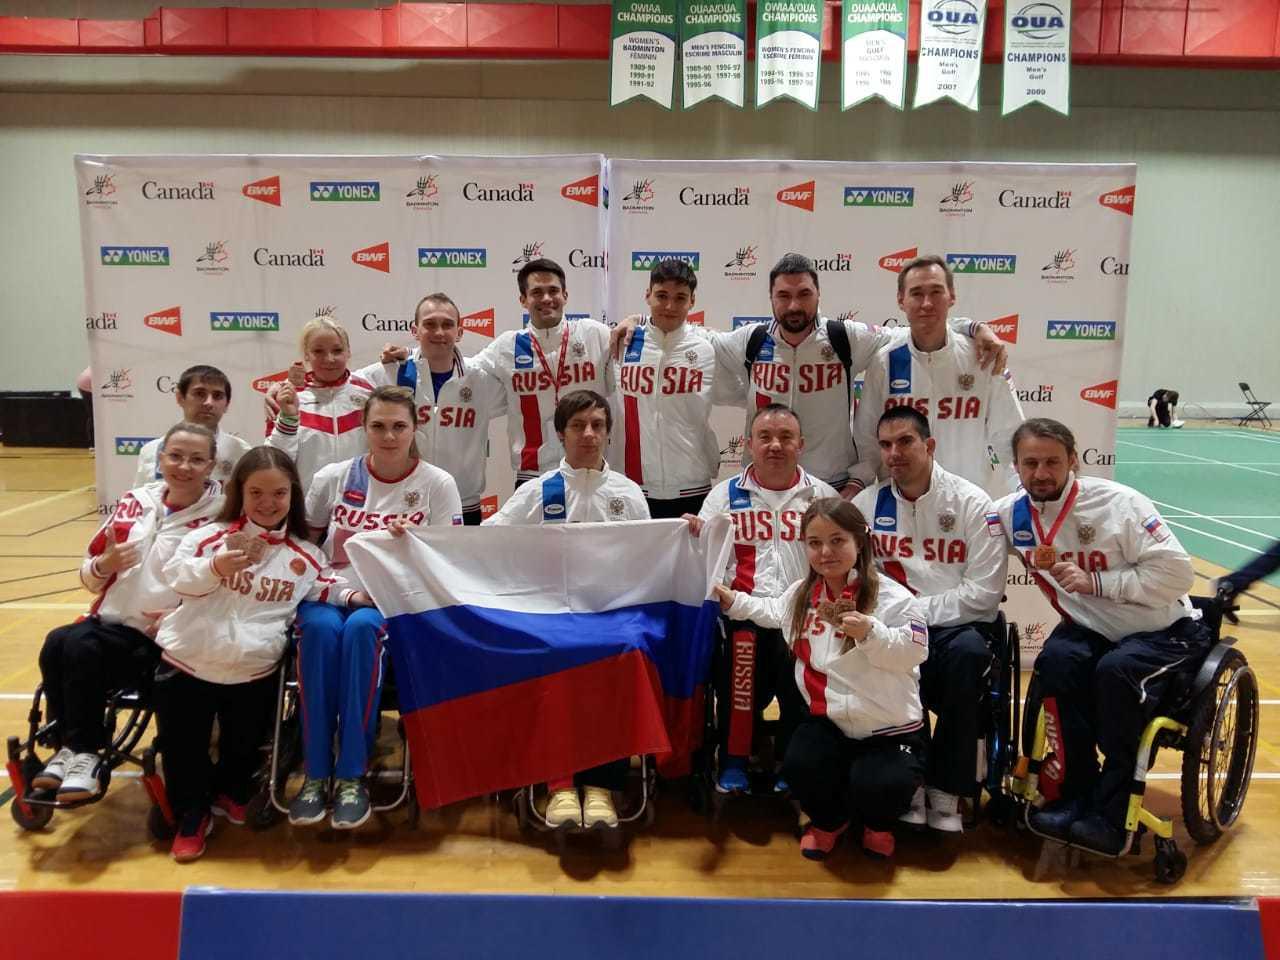 Петербургские паралимпийцы завоевали медали на турнире в Канаде (Иллюстрация 1 из 1) (Фото: paralymp.ru)